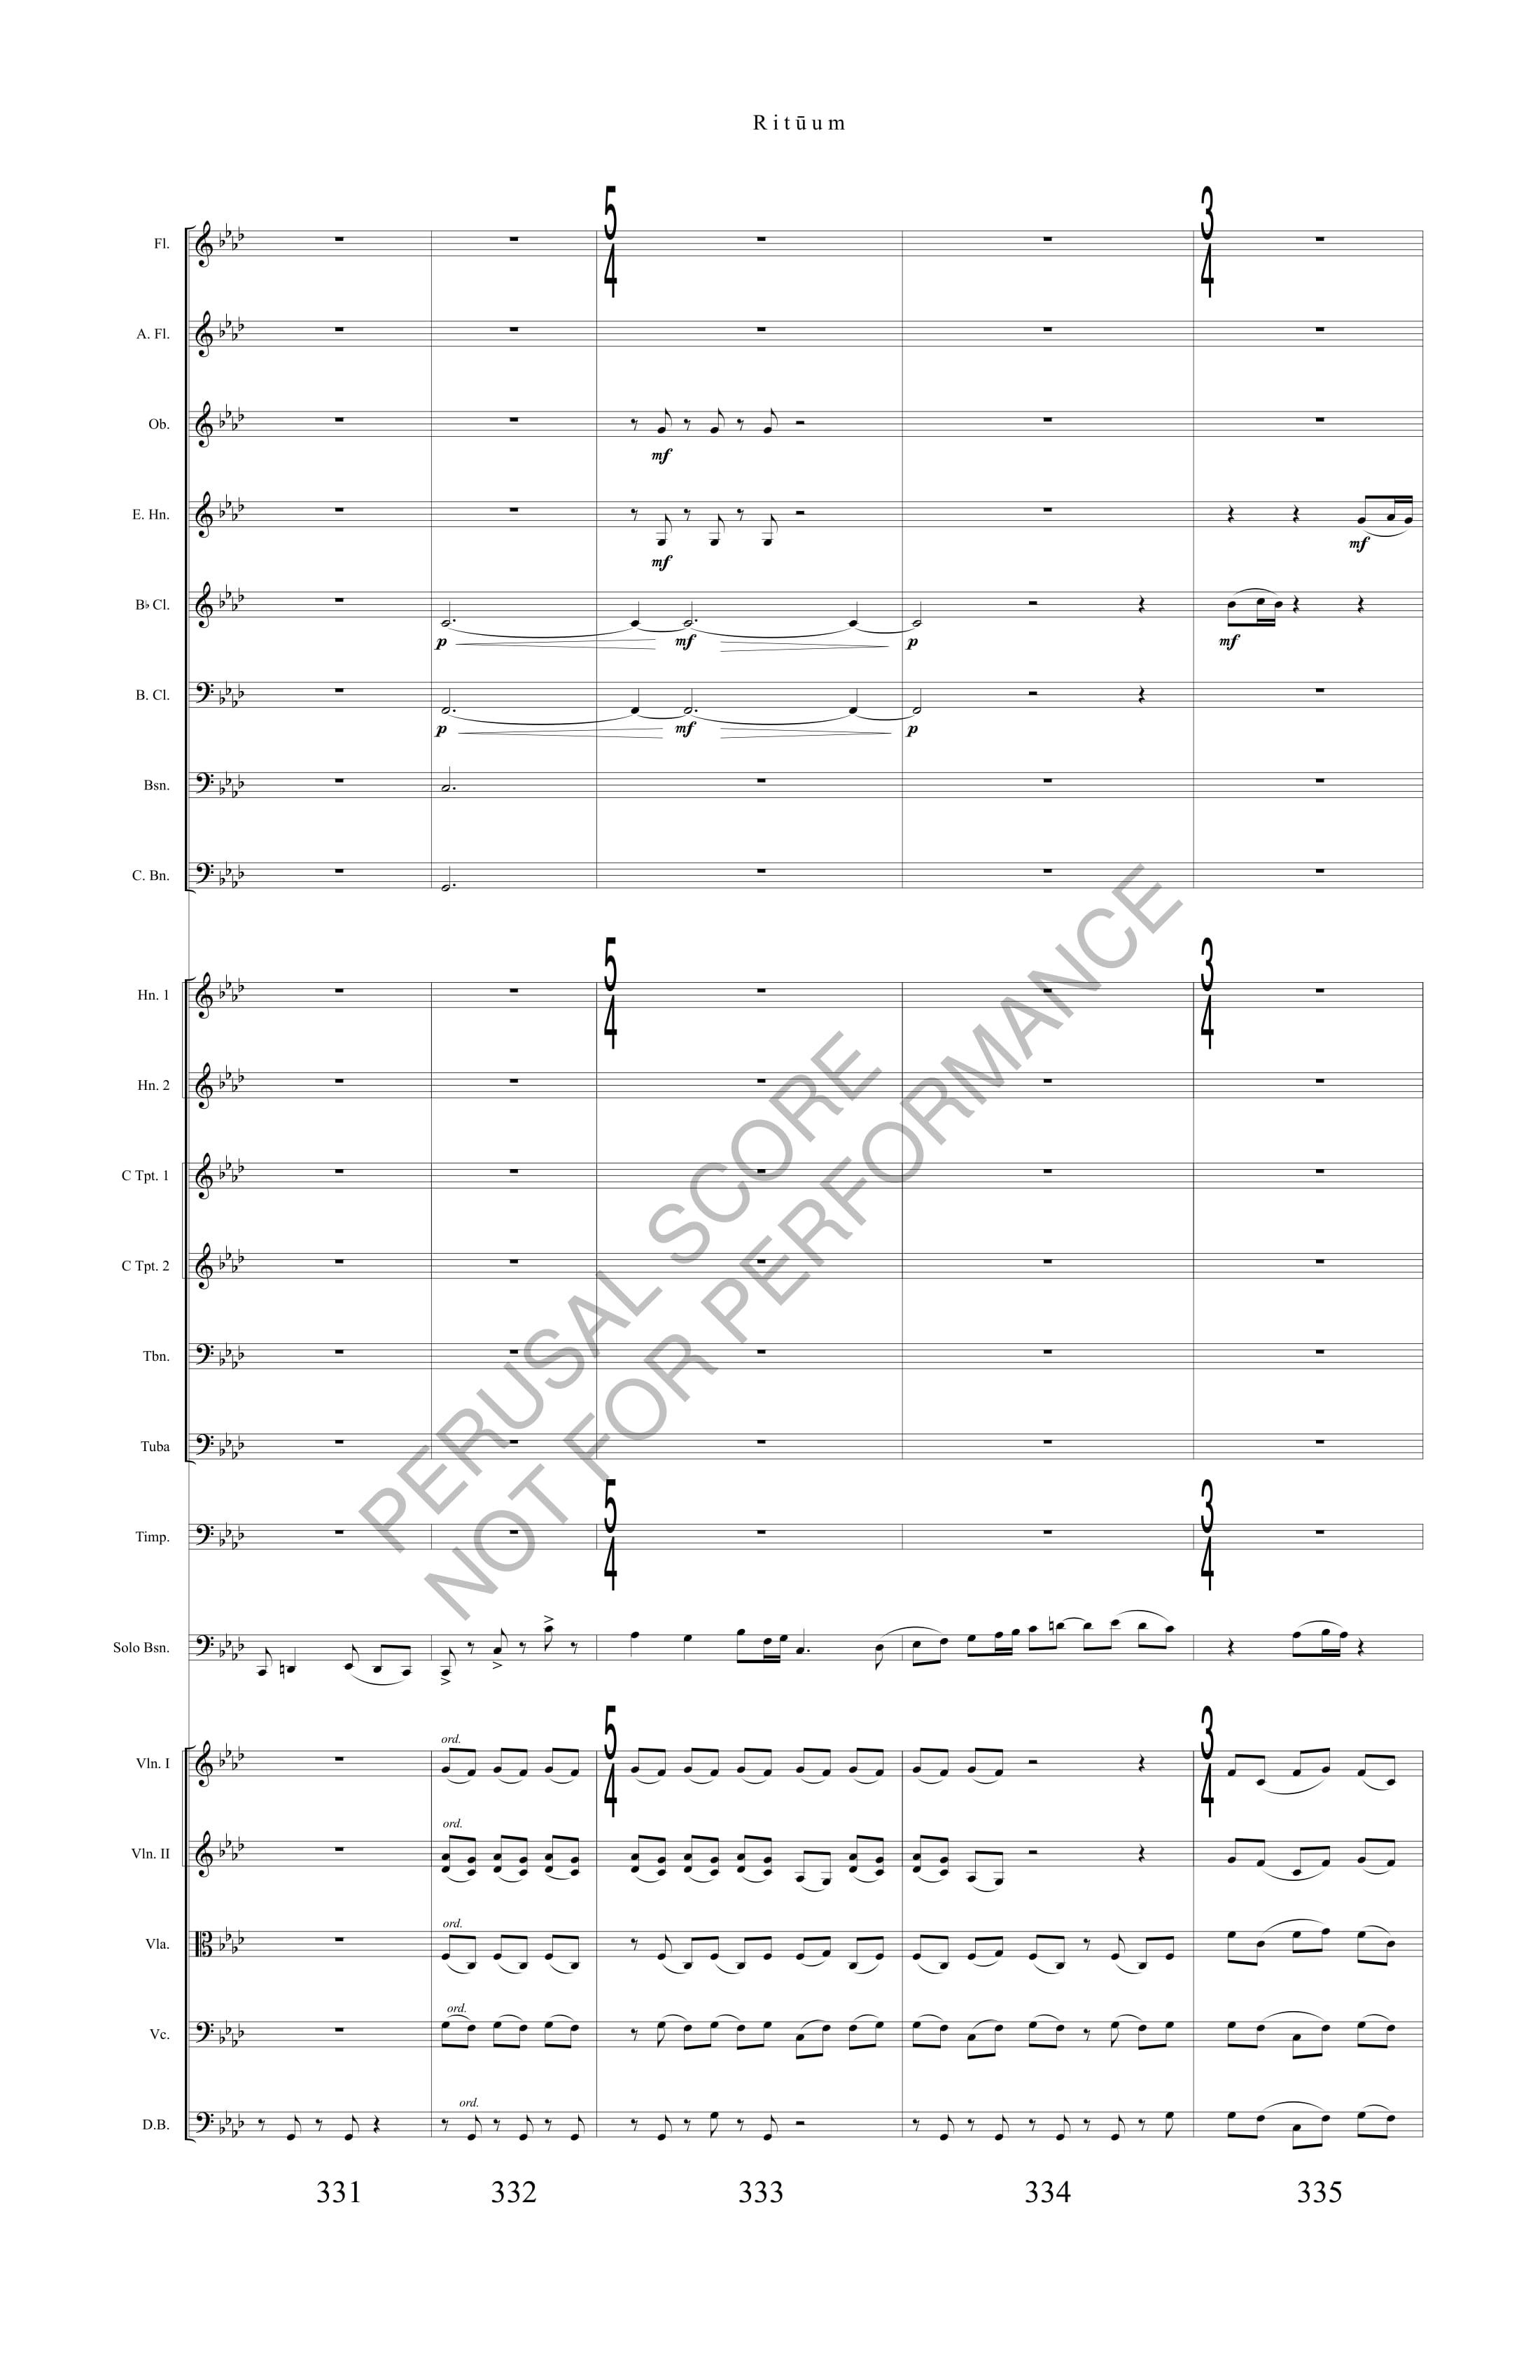 Boyd Rituum Score-watermark (1)-75.jpg